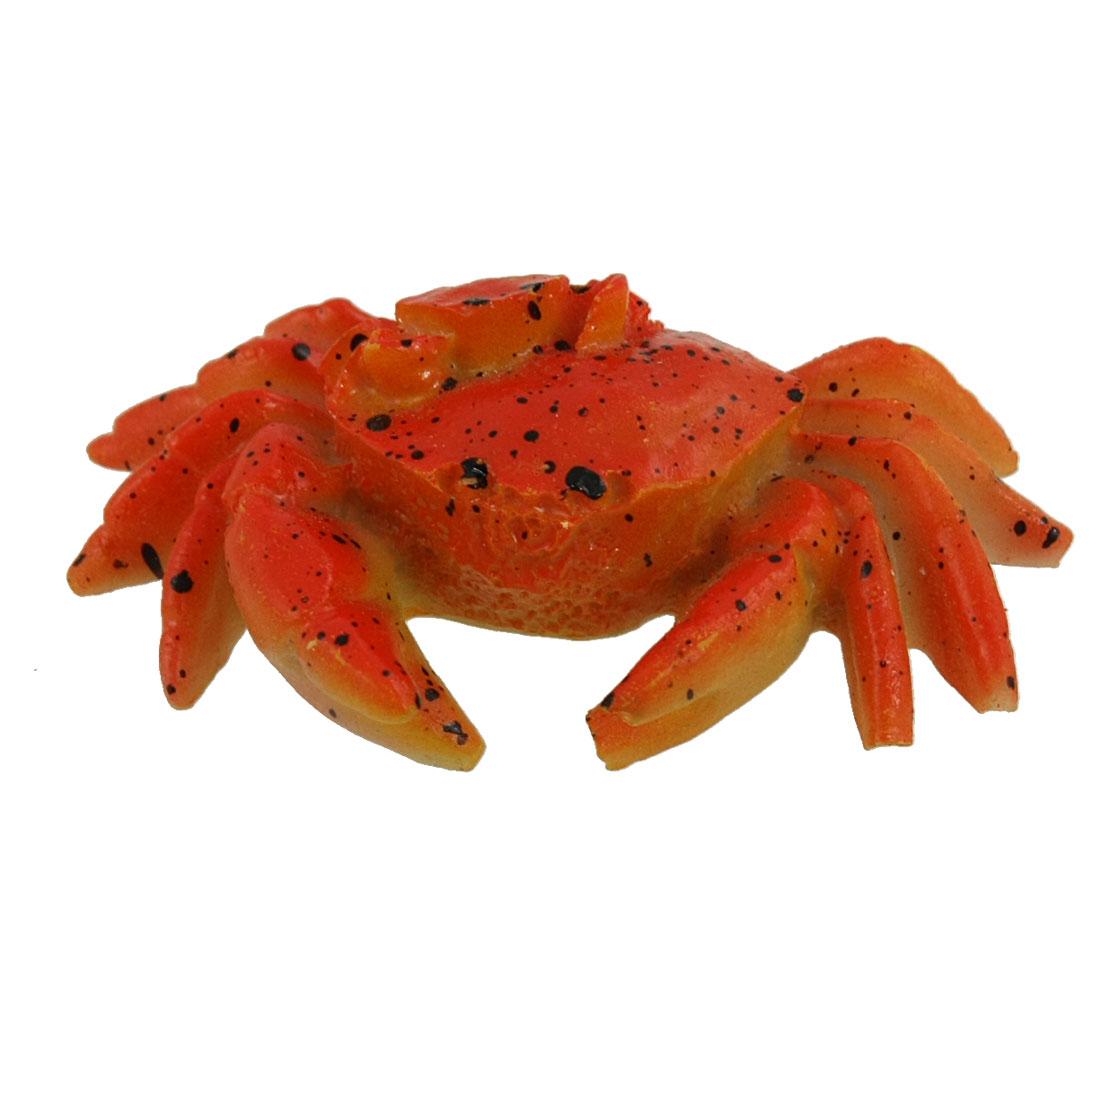 Aquarium Simulated Little Crab Inlaid Brachyura Ornament Orange Red